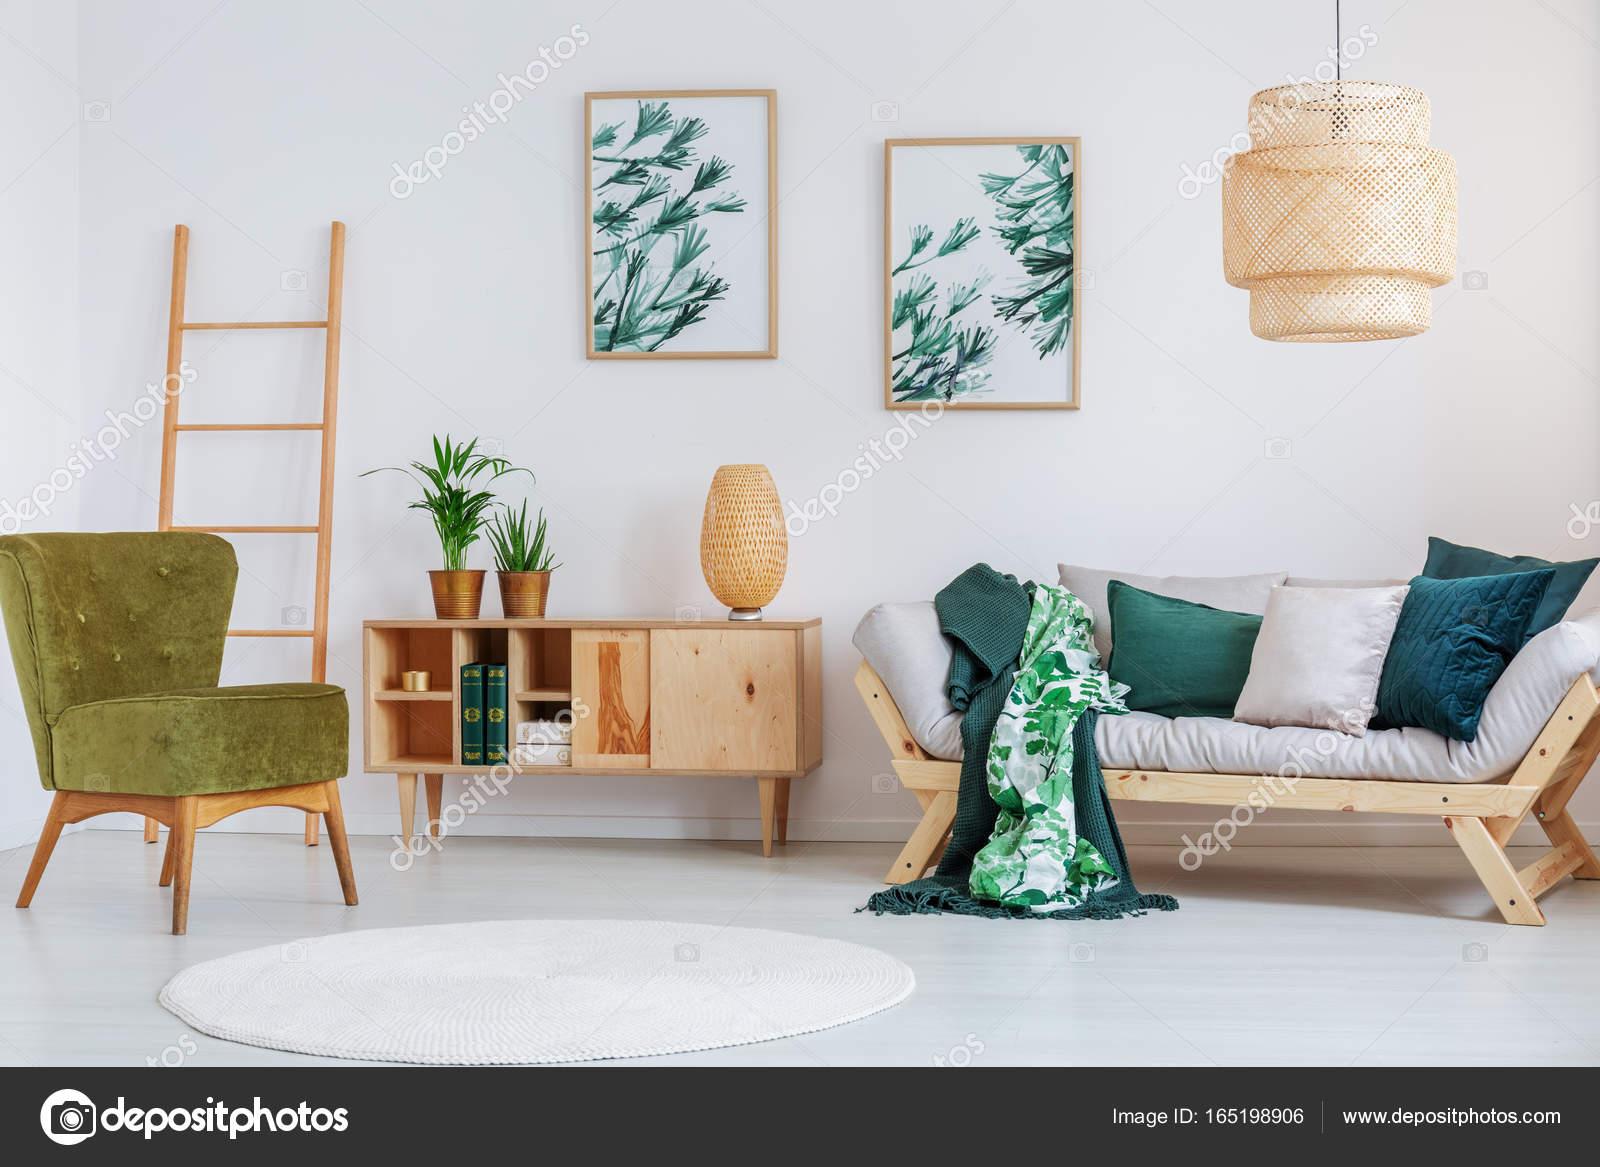 Woonkamer met creatieve lamp — Stockfoto © photographee.eu #165198906